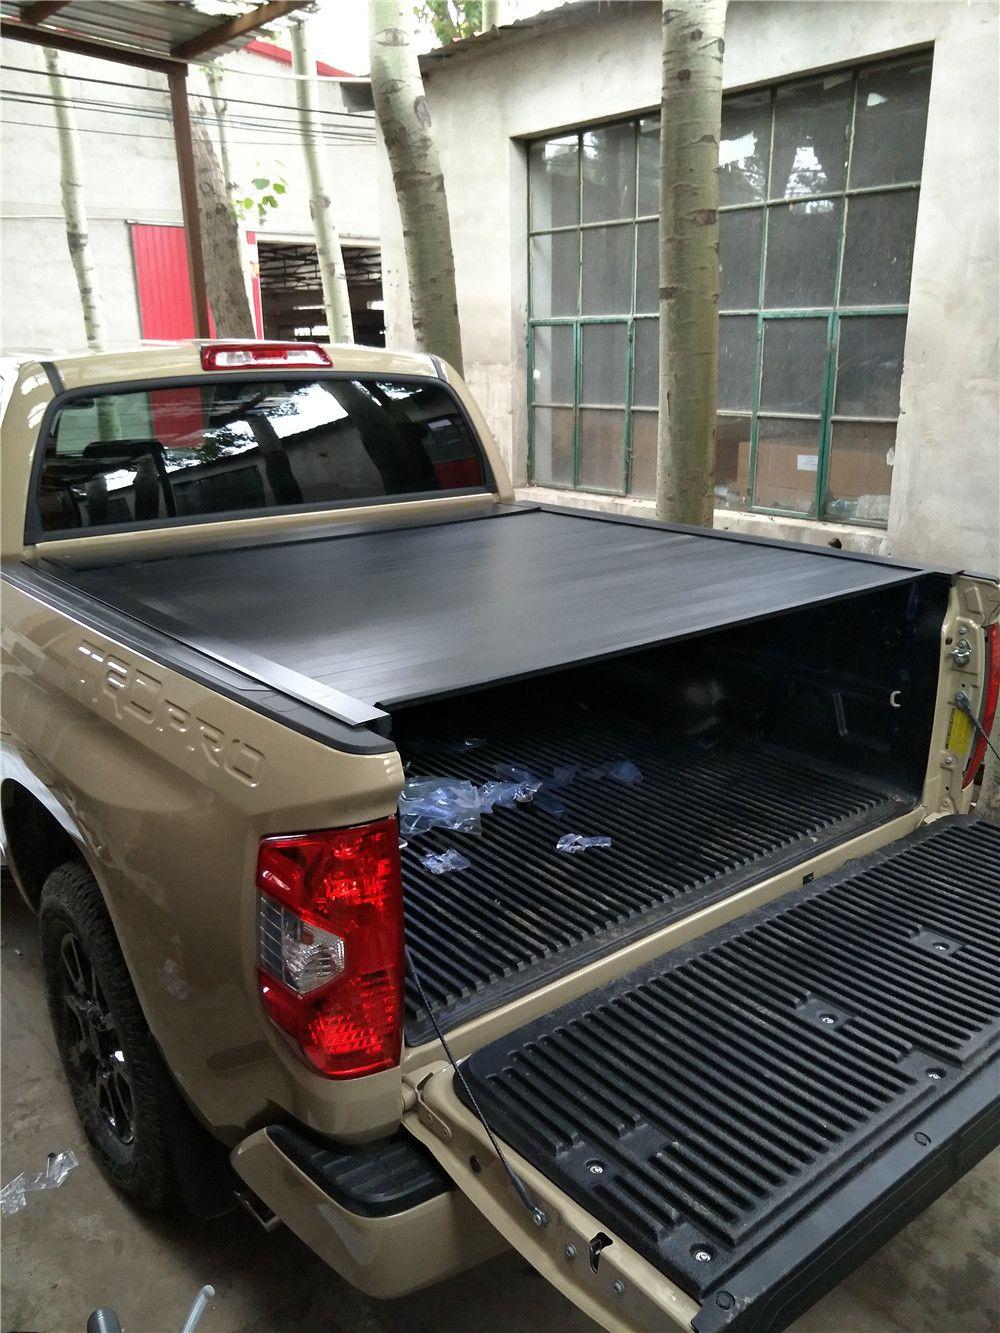 Tonneau Cover for Tundra Toyota tundra, Tonneau cover